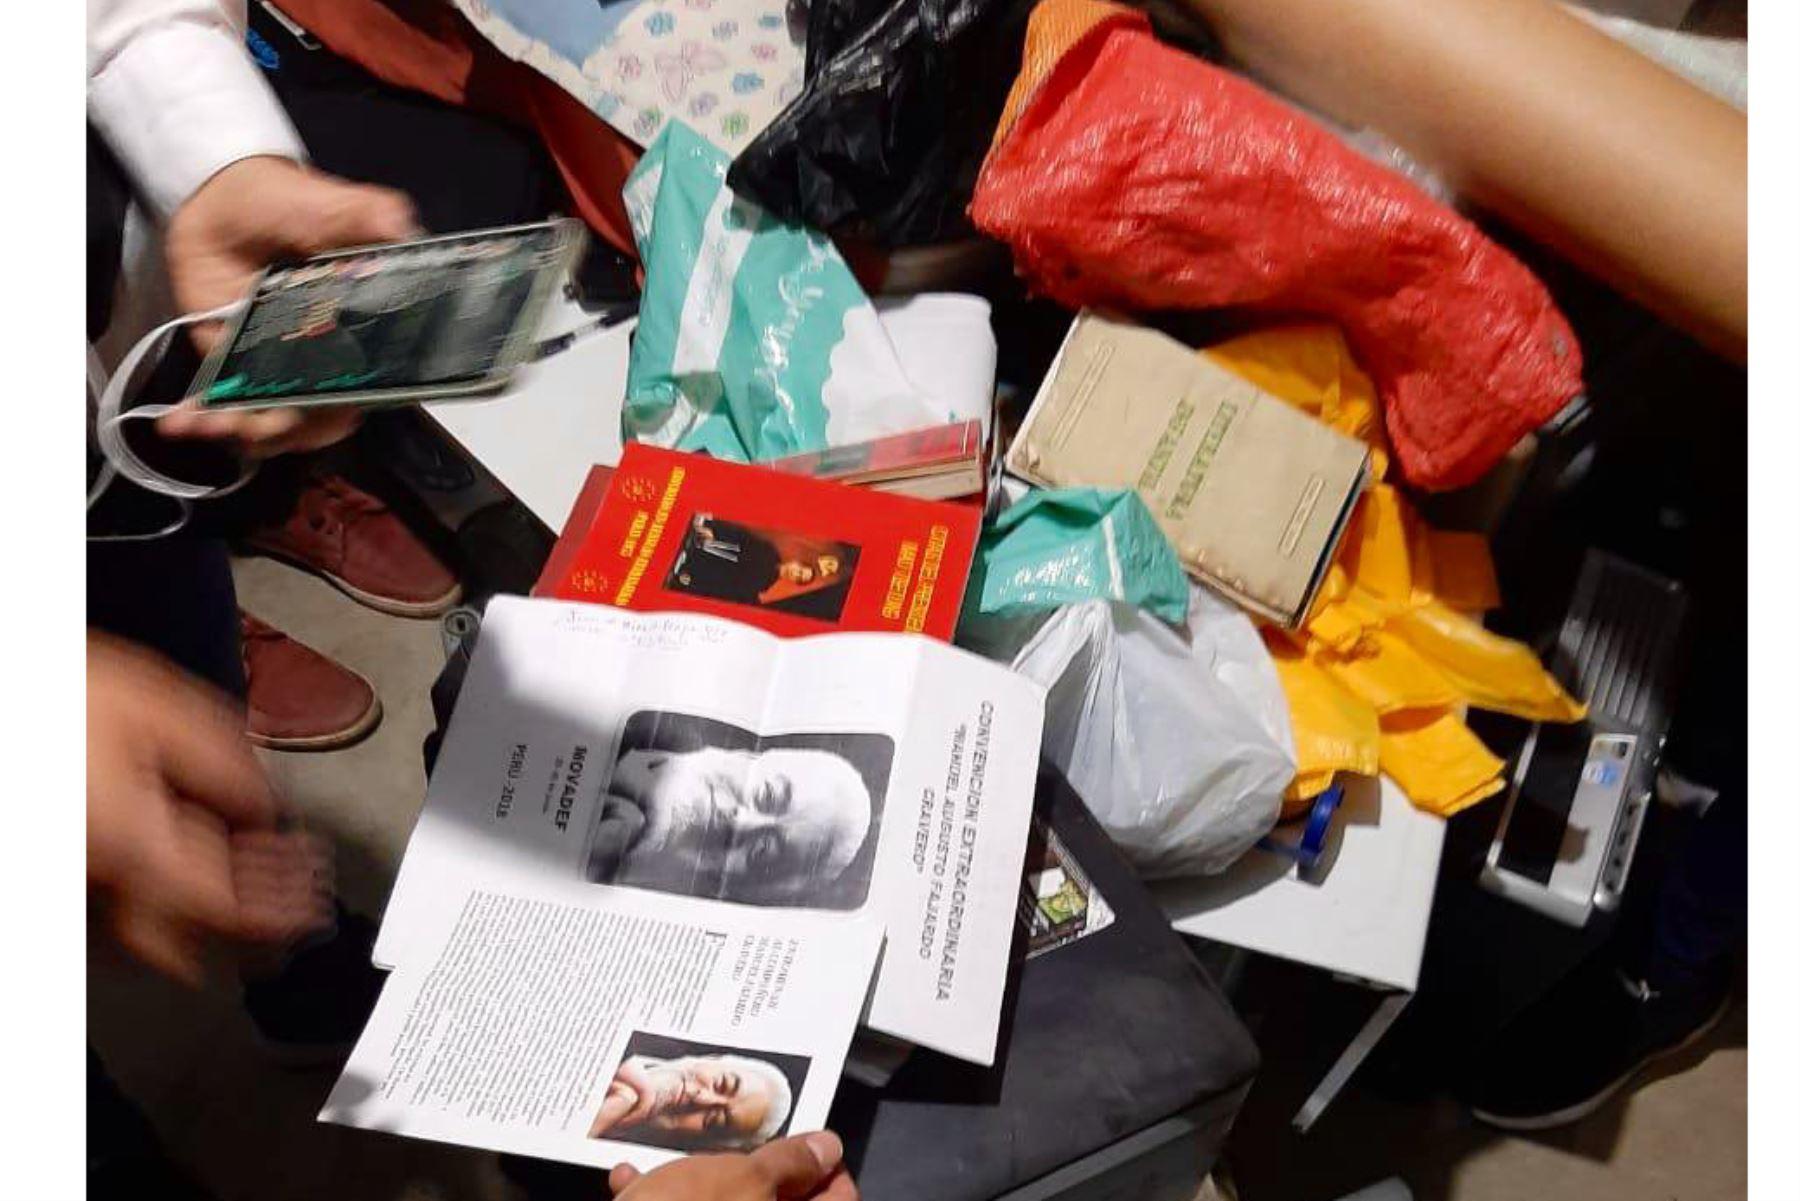 Megaoperativo de la Policía Nacional y la Fiscalía capturaron esta madrugada a 67 integrantes de Sendero Luminoso en Lima. Entre los detenidos figuran miembros de Movadef y otros organismos generados de la organización terrorista. Foto: ANDINA/Mininter